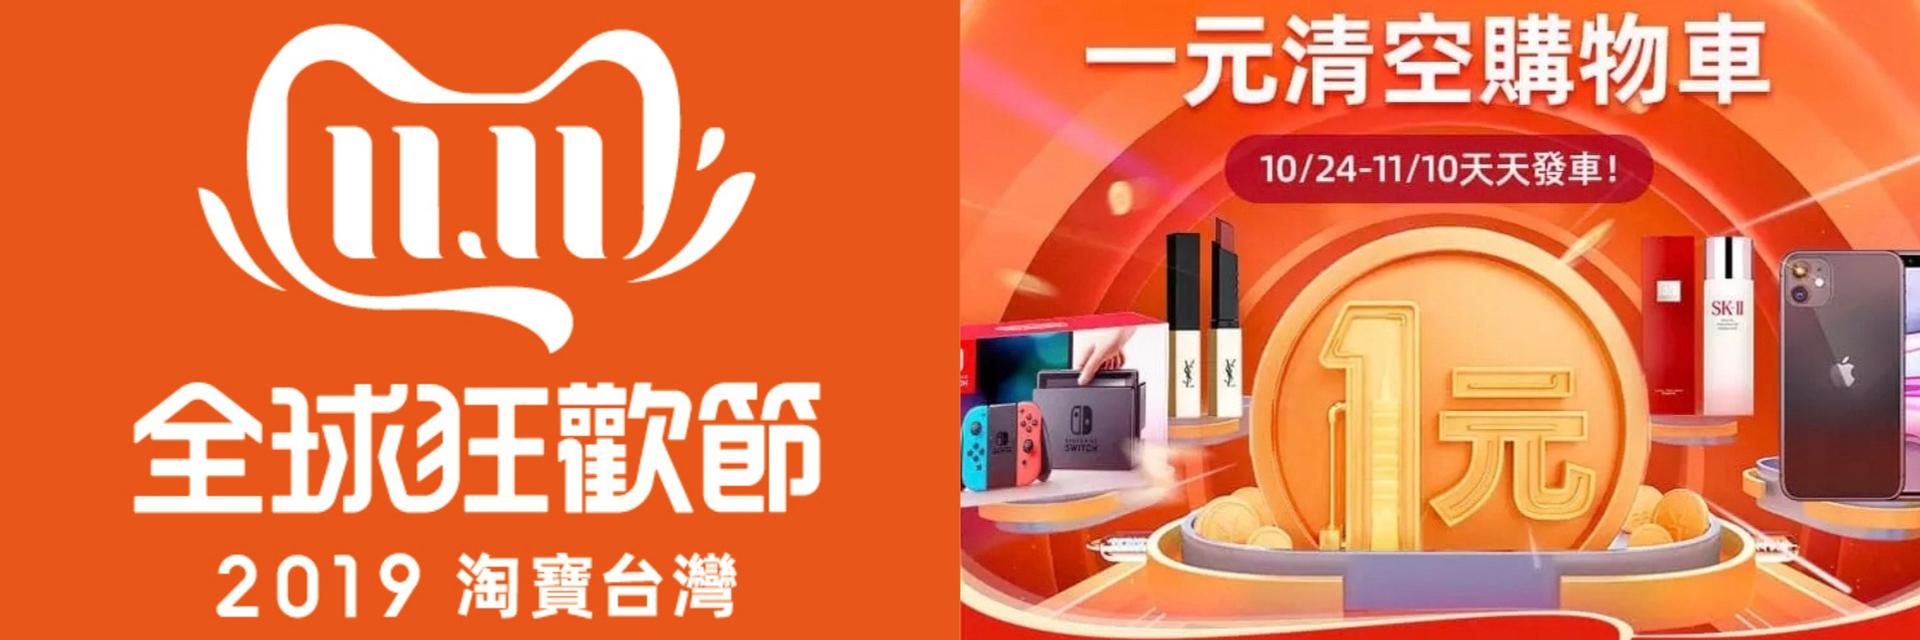 光棍節別再唉聲嘆氣!等不到情人但可以等折扣,專屬台灣真正的雙十一購物節來了!